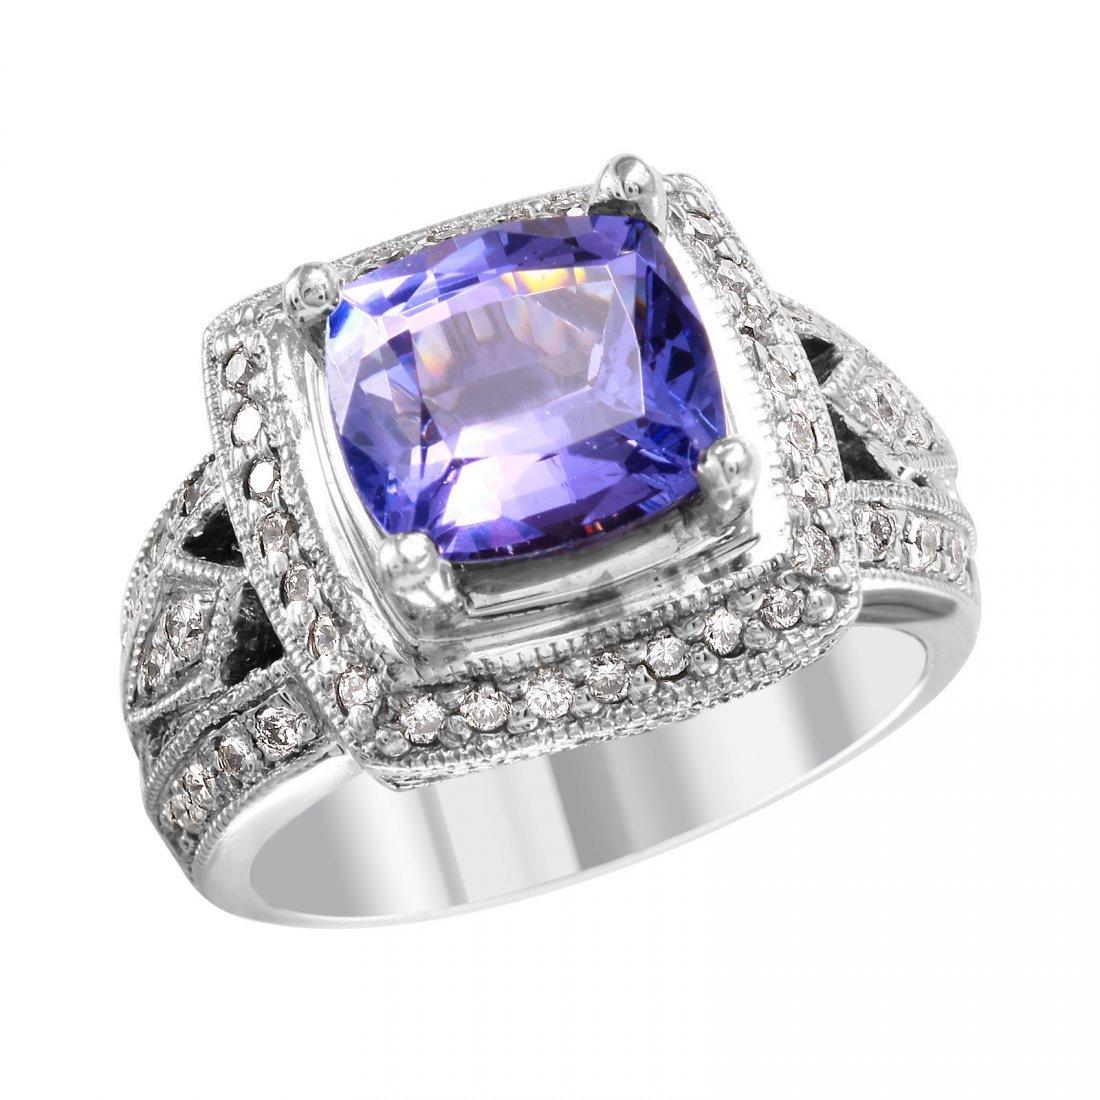 NEW 14KT White Gold Tanzanite and Diamond Ring - #2004